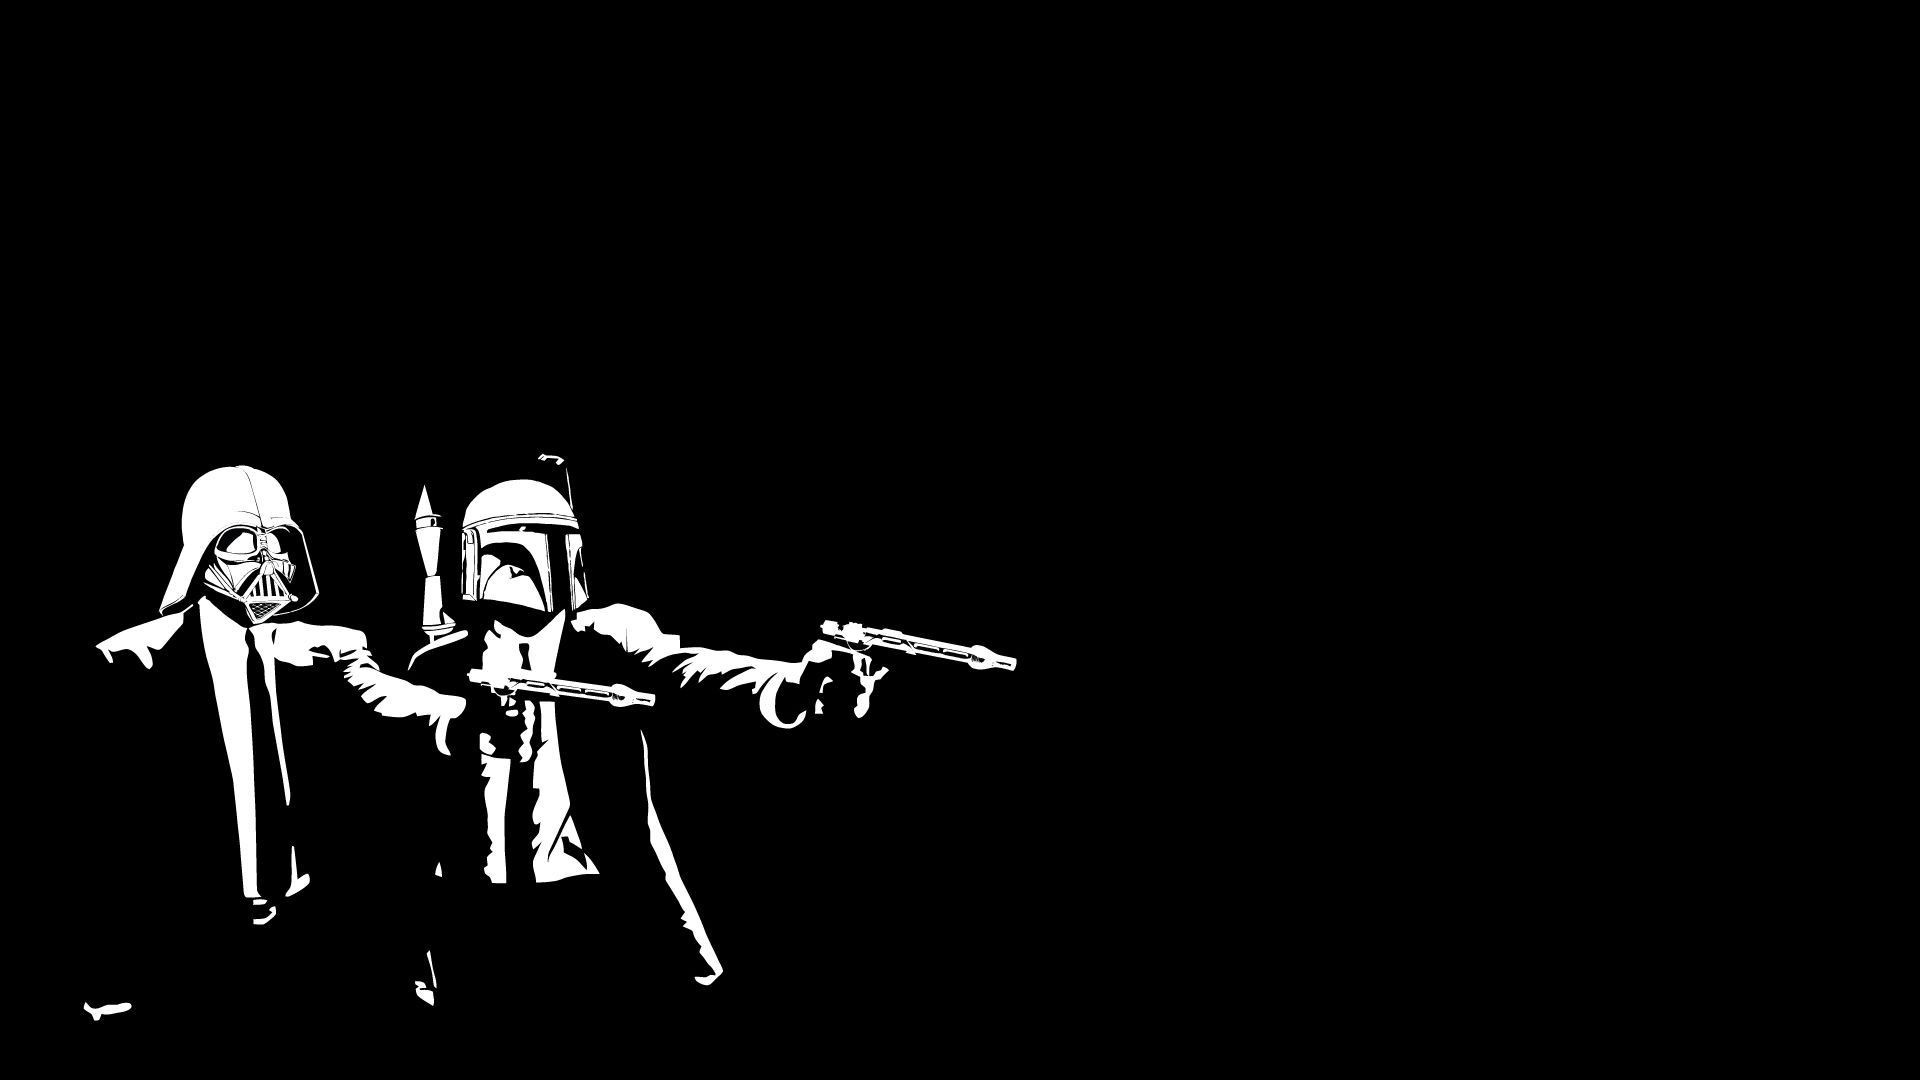 Star Wars Darth Vader Boba Fett The Boondock Saints wallpaper background